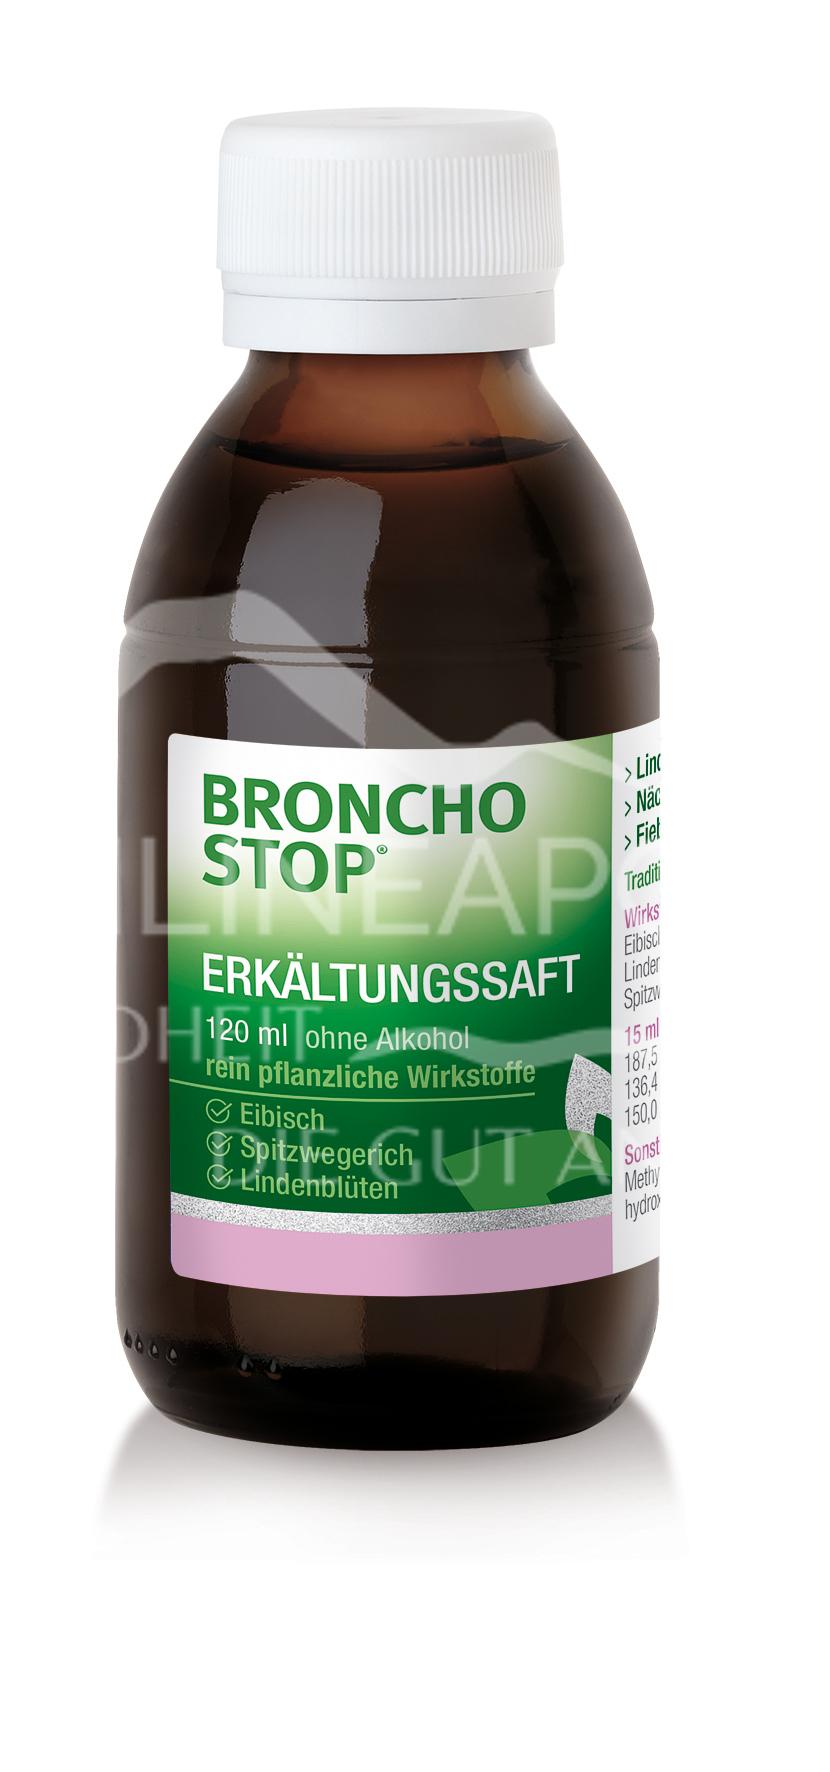 BRONCHOSTOP® Erkältungssaft